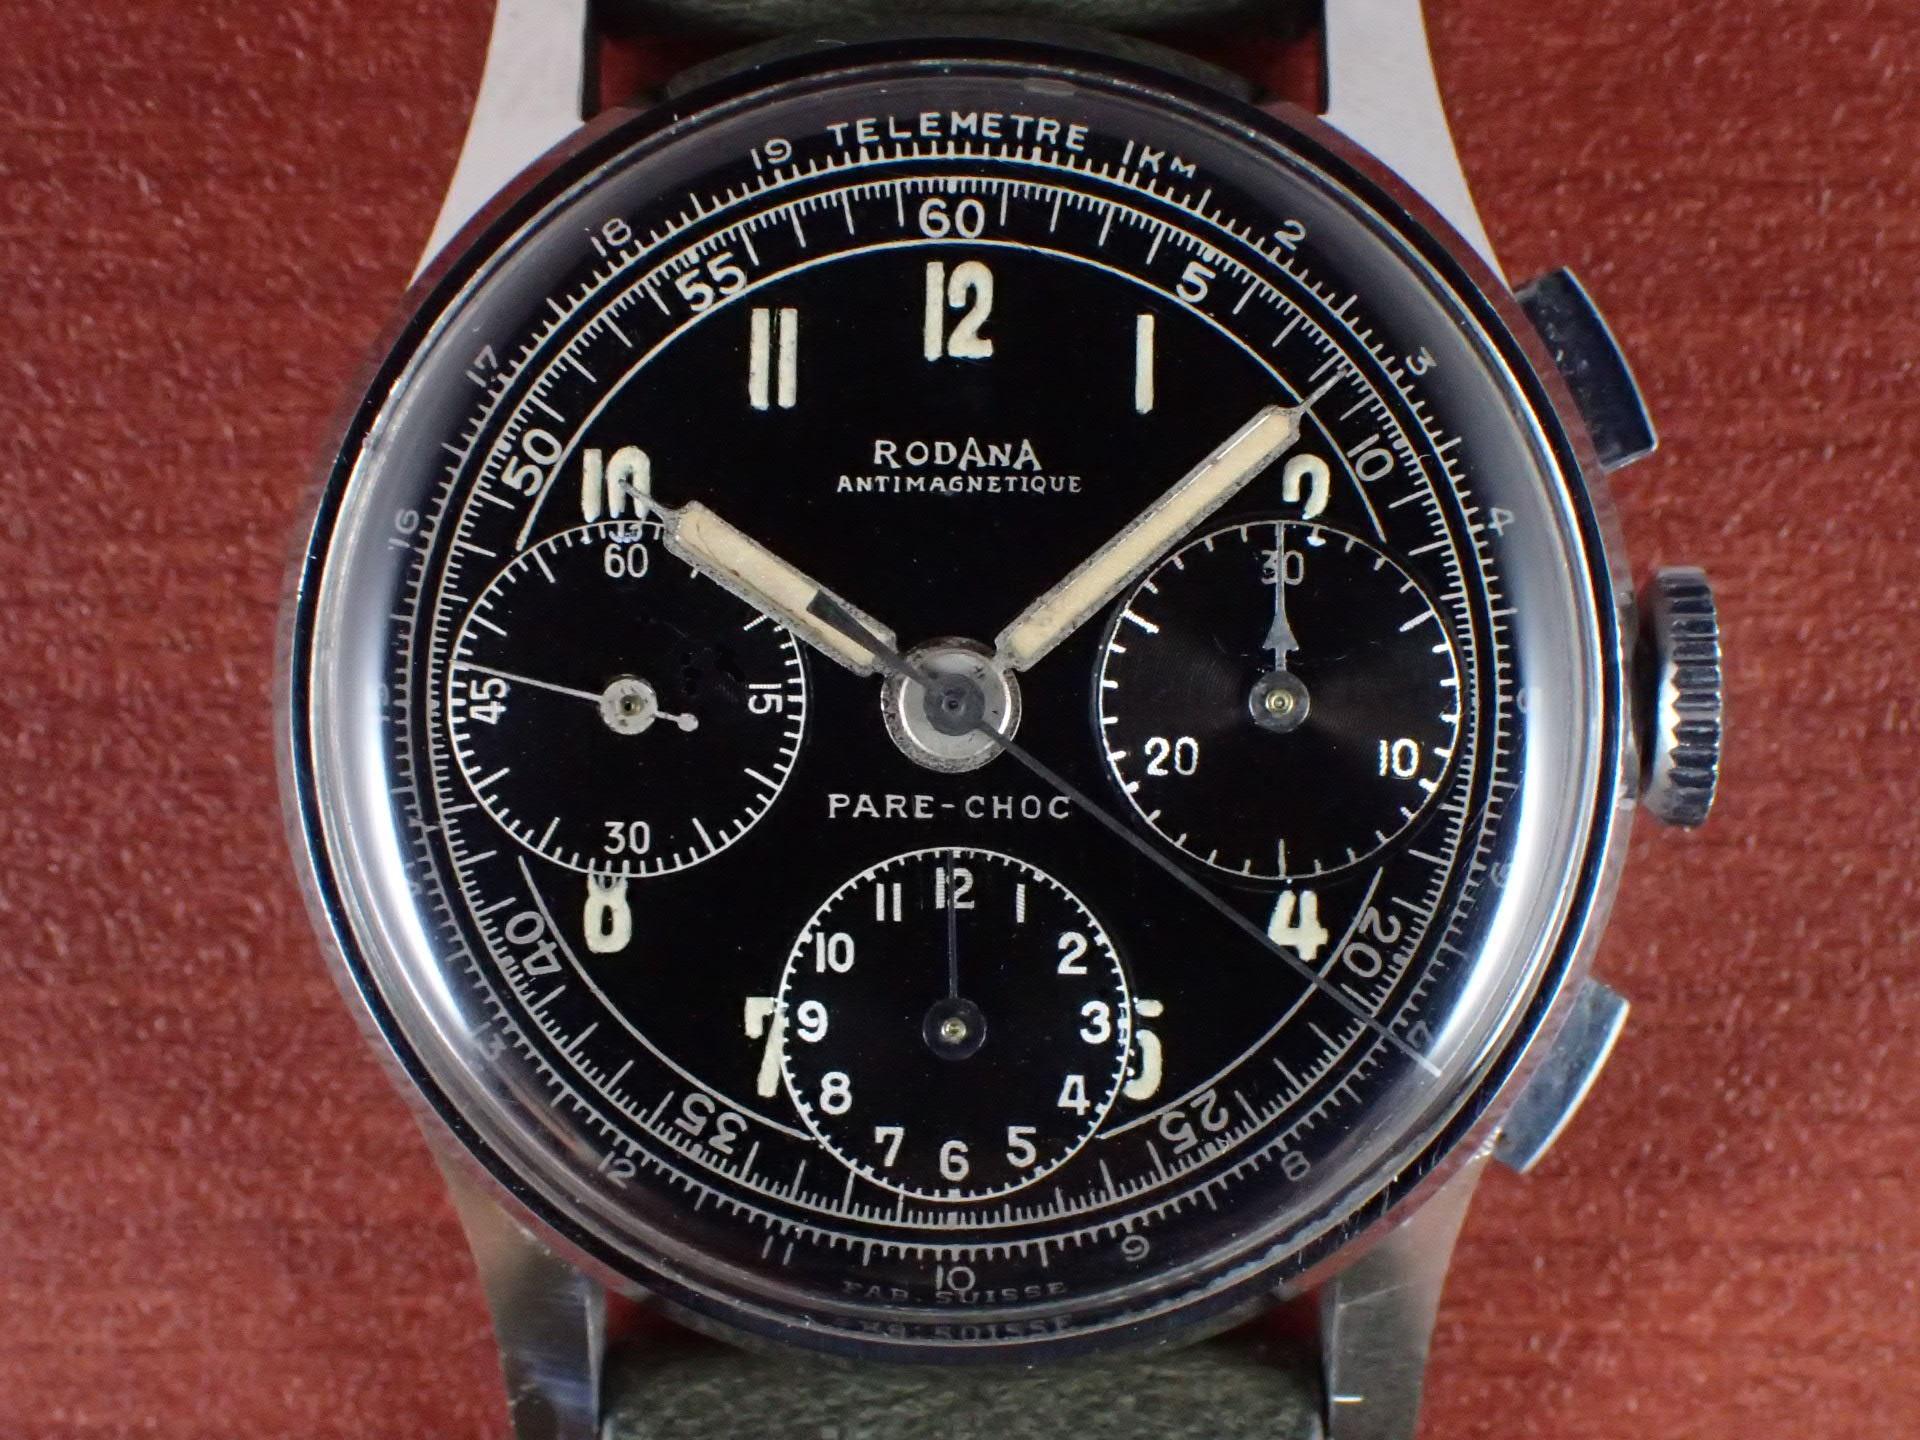 ロダーナ クロノグラフ Cal.Valjoux72 ブラックミラーダイアル 1940年代の写真2枚目